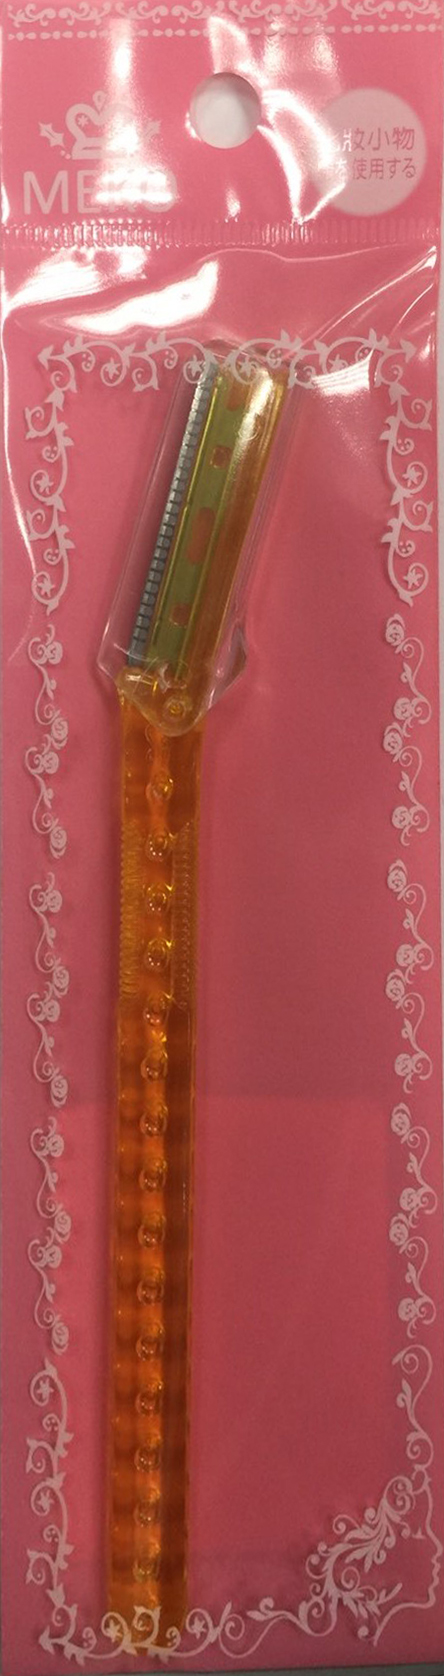 長泡泡安全修眉刀(1入)E-015